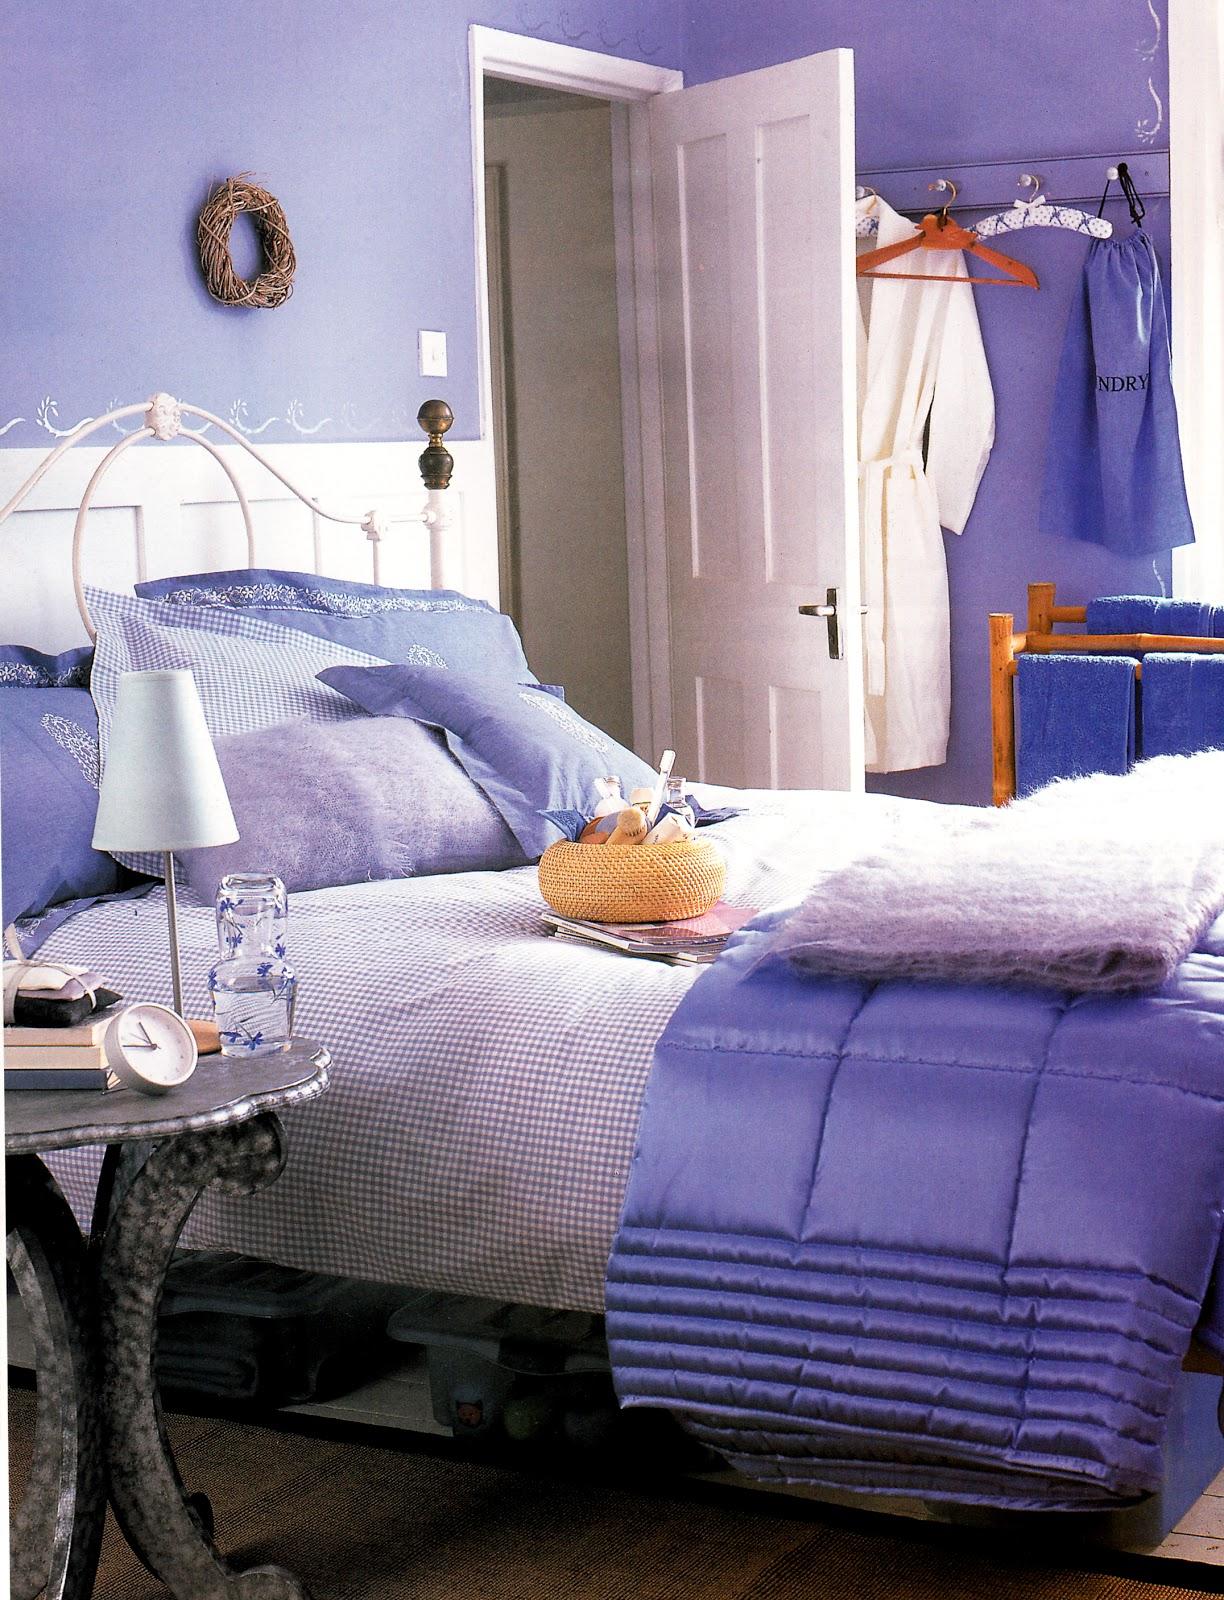 kamar tidur biru lavender sambut suasana baru rumah